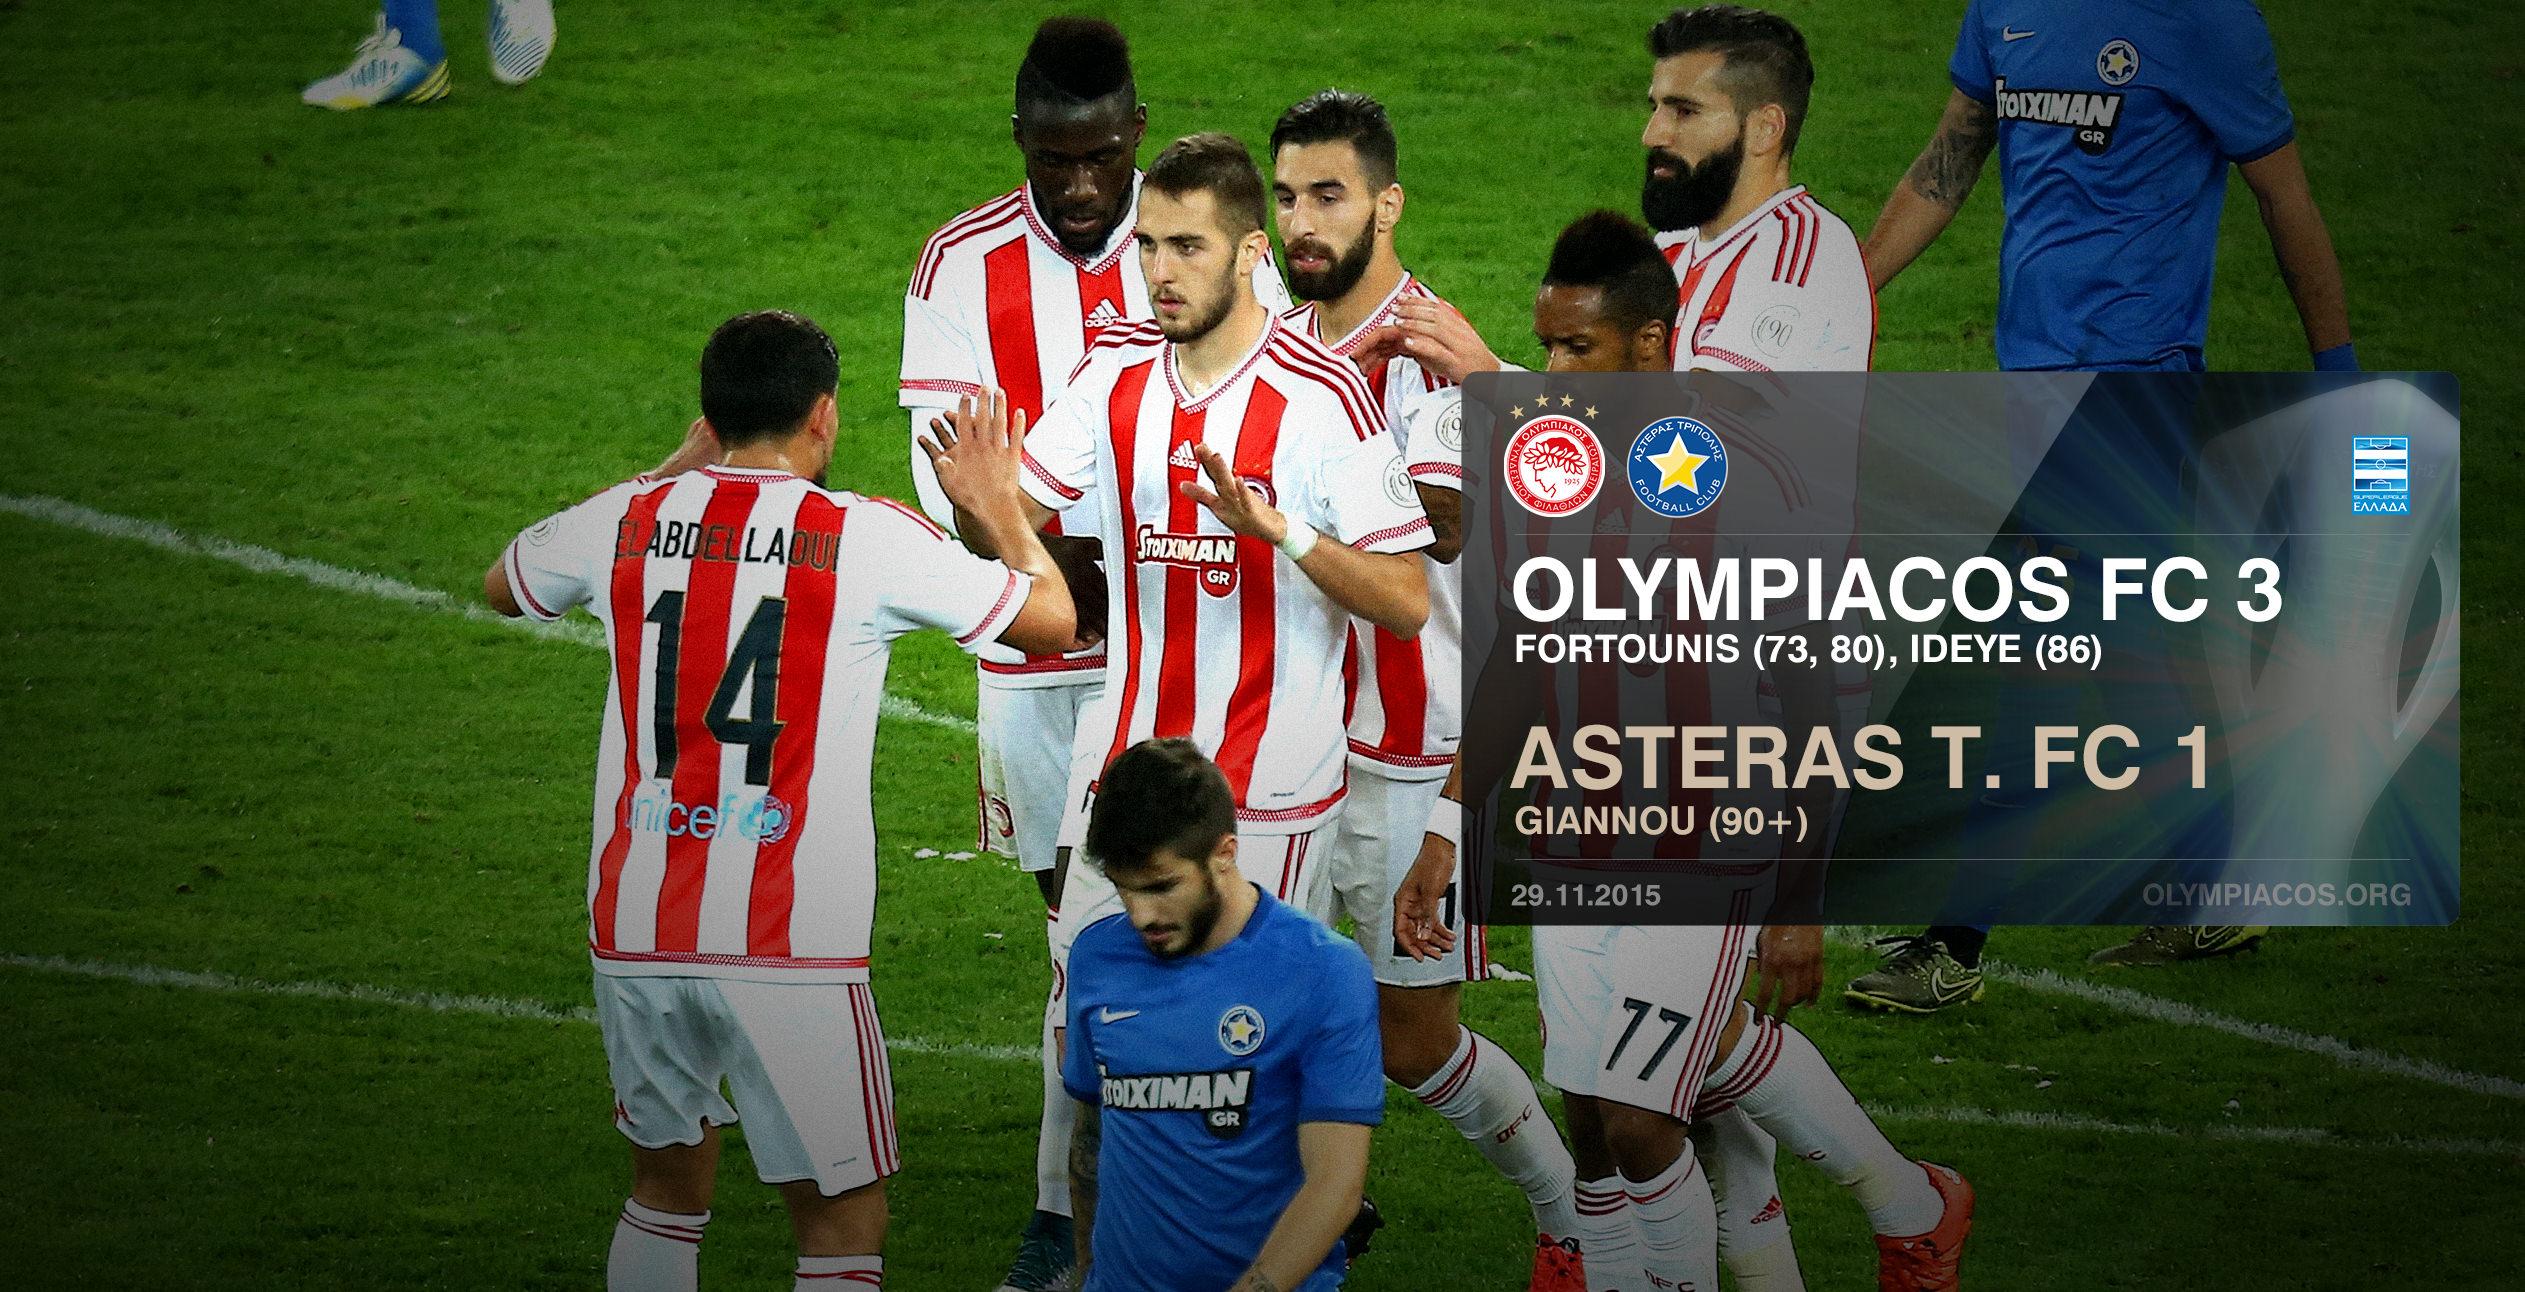 Olympiacos, la formidable équipe de Silva !